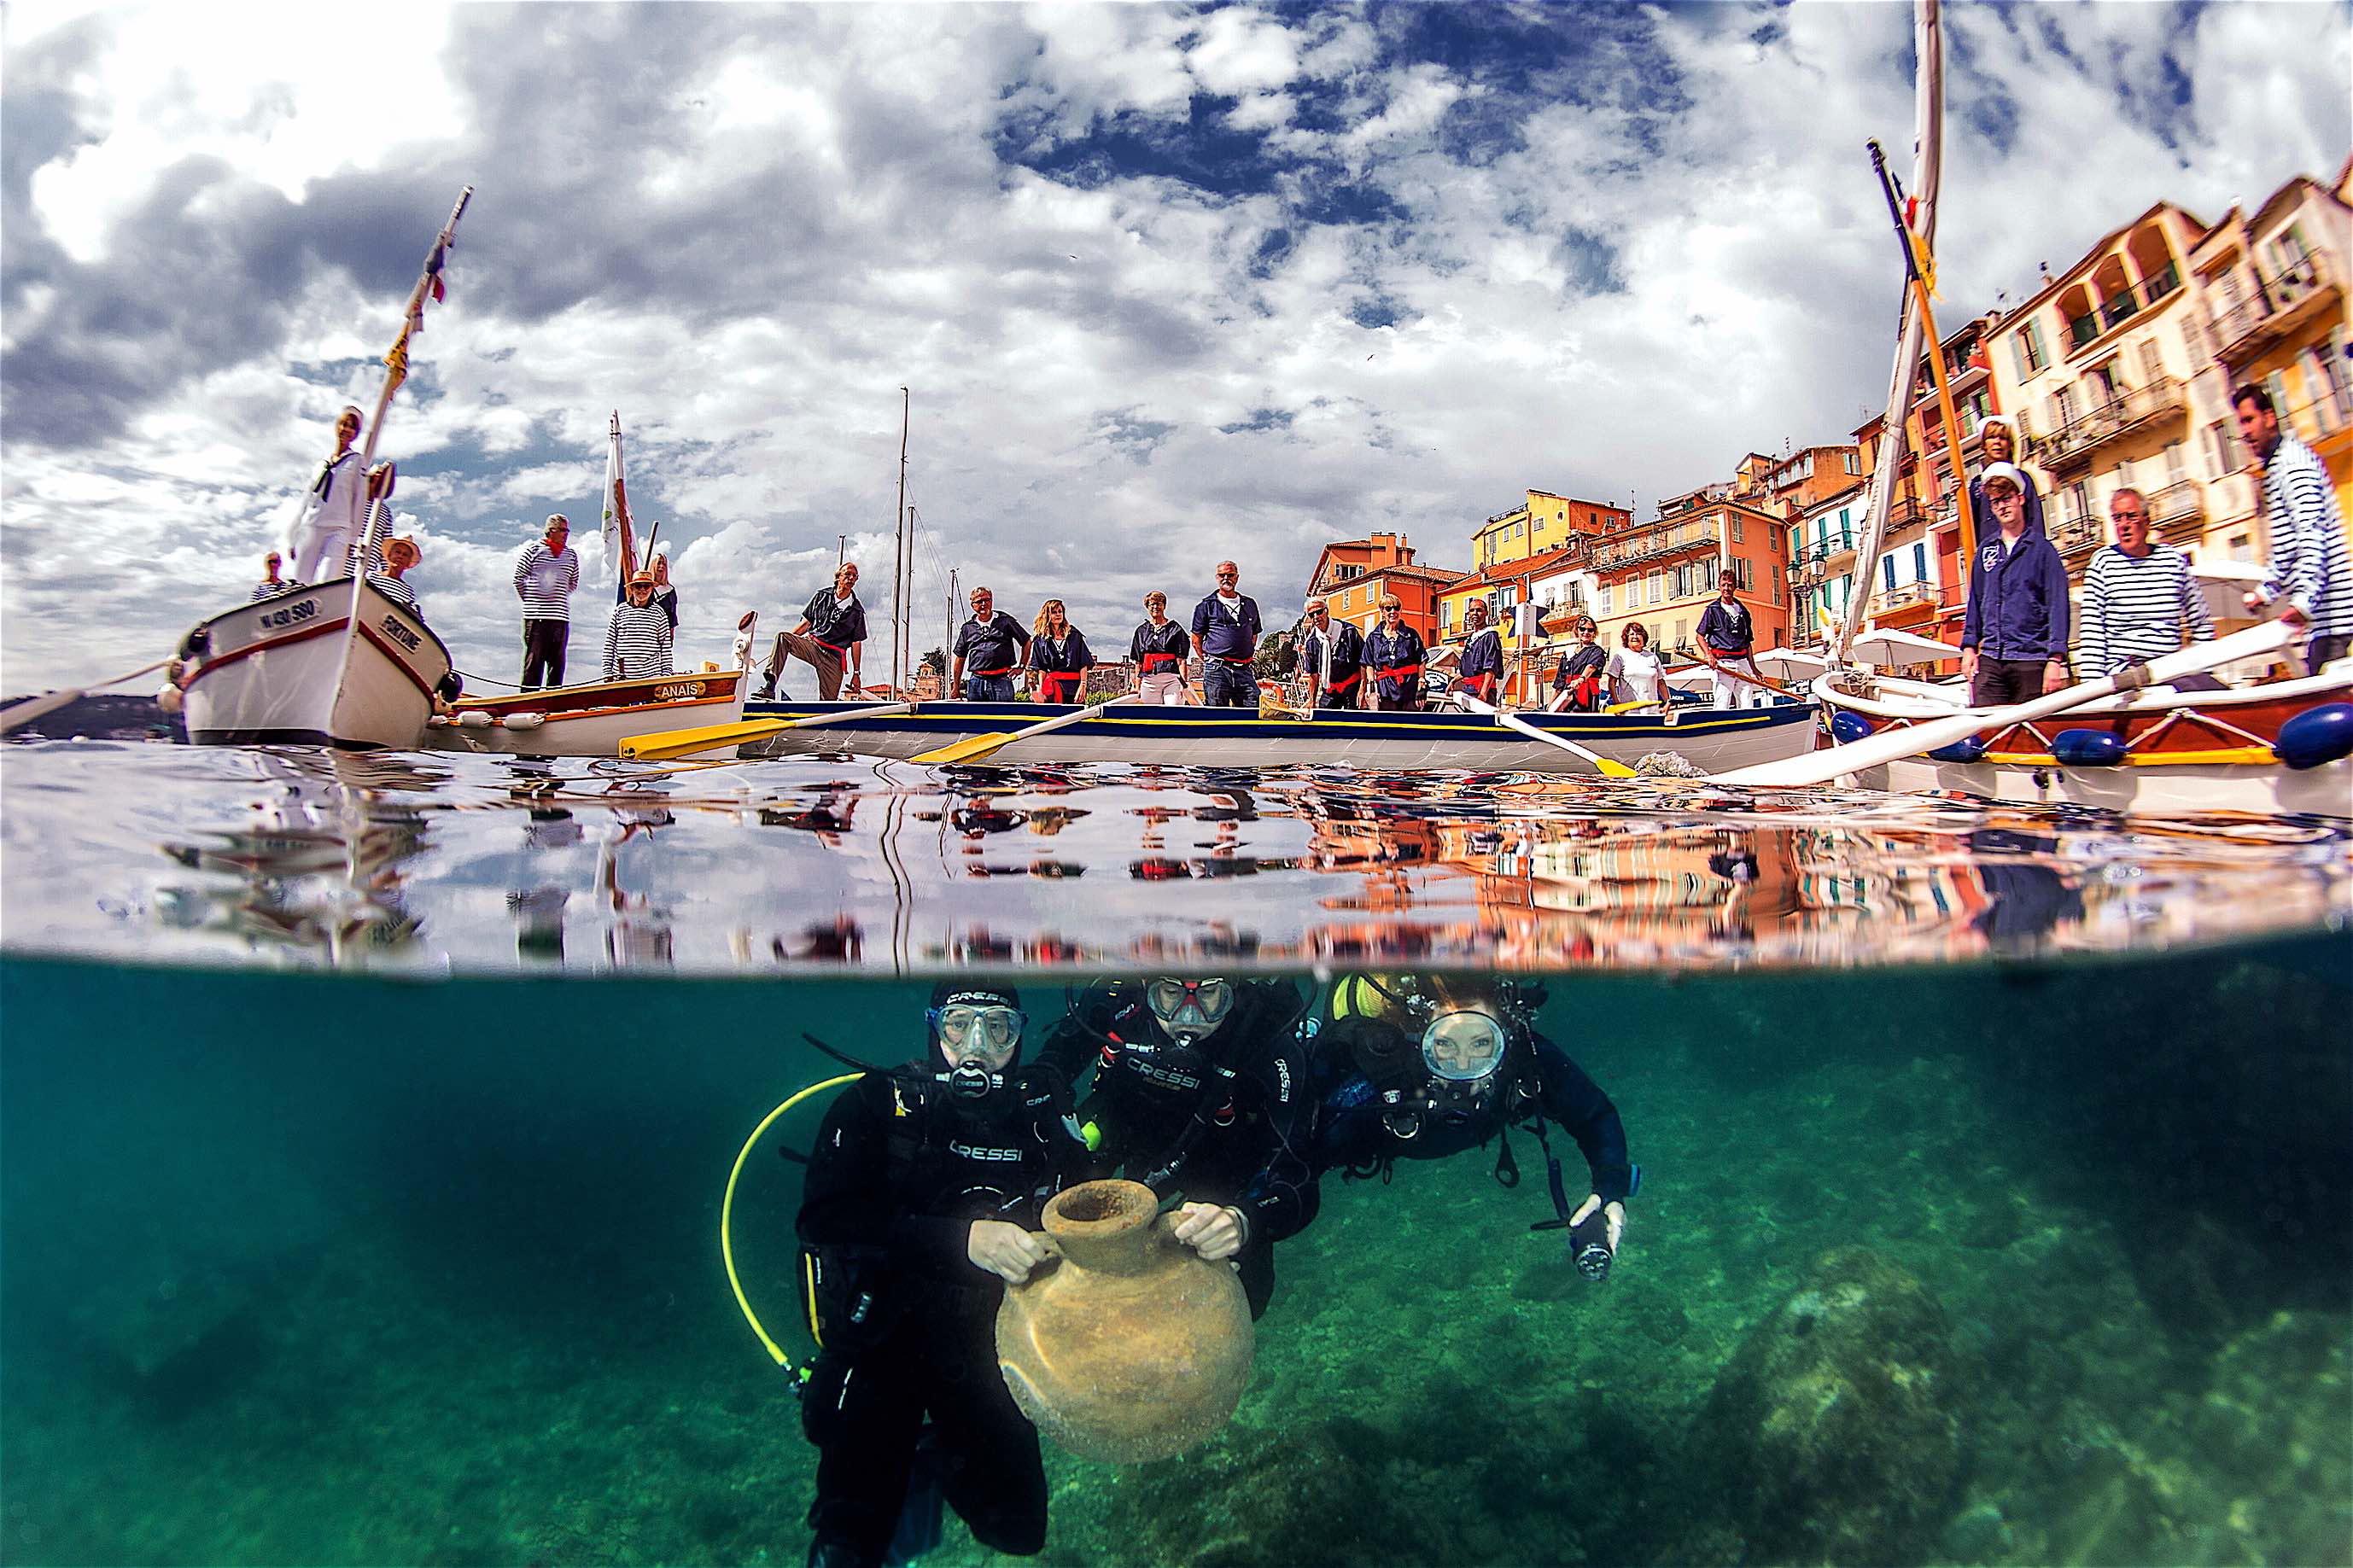 À la découverte des trésors engloutis de Villefranche-sur-Mer